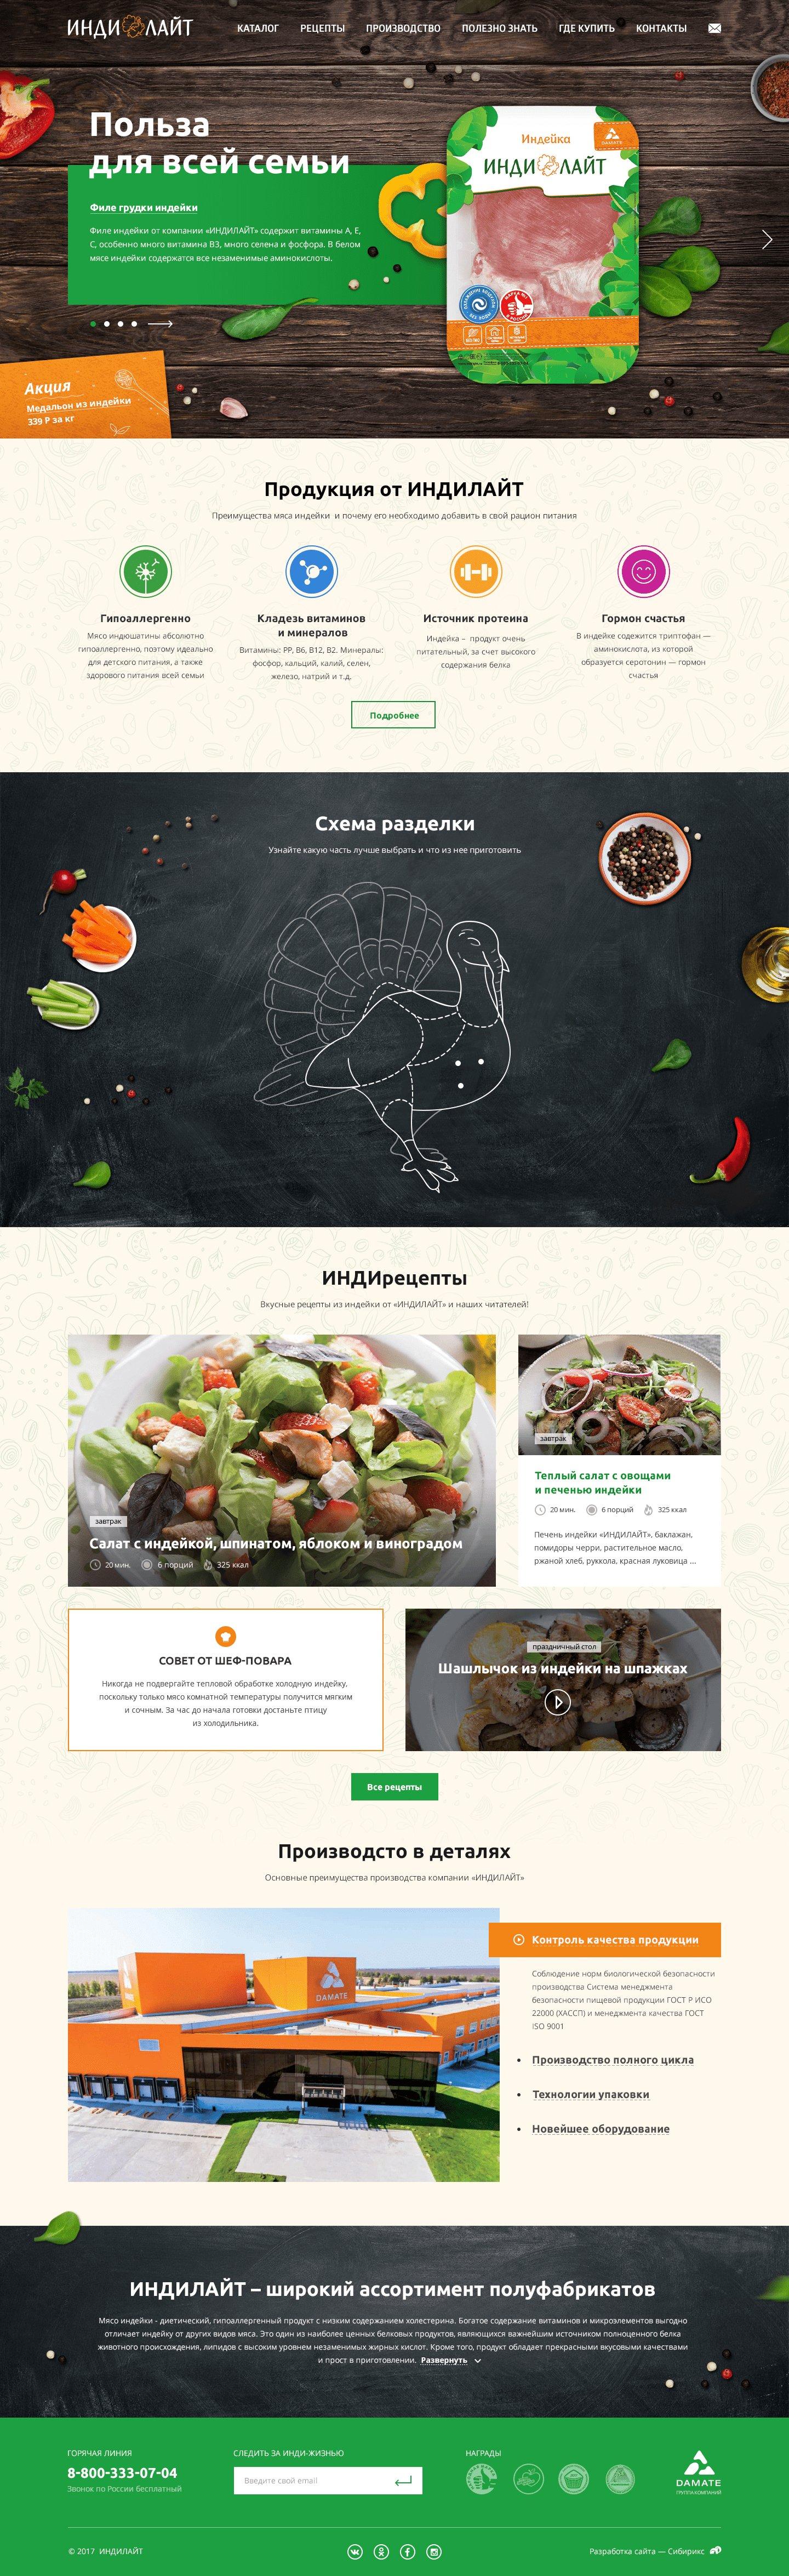 <p><b>Главная страница</b></p><p>В&nbsp;дизайне мы&nbsp;отталкивались от&nbsp;решения на&nbsp;упаковке&nbsp;&mdash; использовали сочный зеленый и&nbsp;тёплый оранжевый, как в&nbsp;логотипе. А&nbsp;поскольку сайт тесно связан с&nbsp;приготовлением пищи, появились деревянные подложки, паттерны из&nbsp;овощей и&nbsp;меловые доски&nbsp;&mdash; будто вы&nbsp;попали в&nbsp;кулинарную школу.</p>